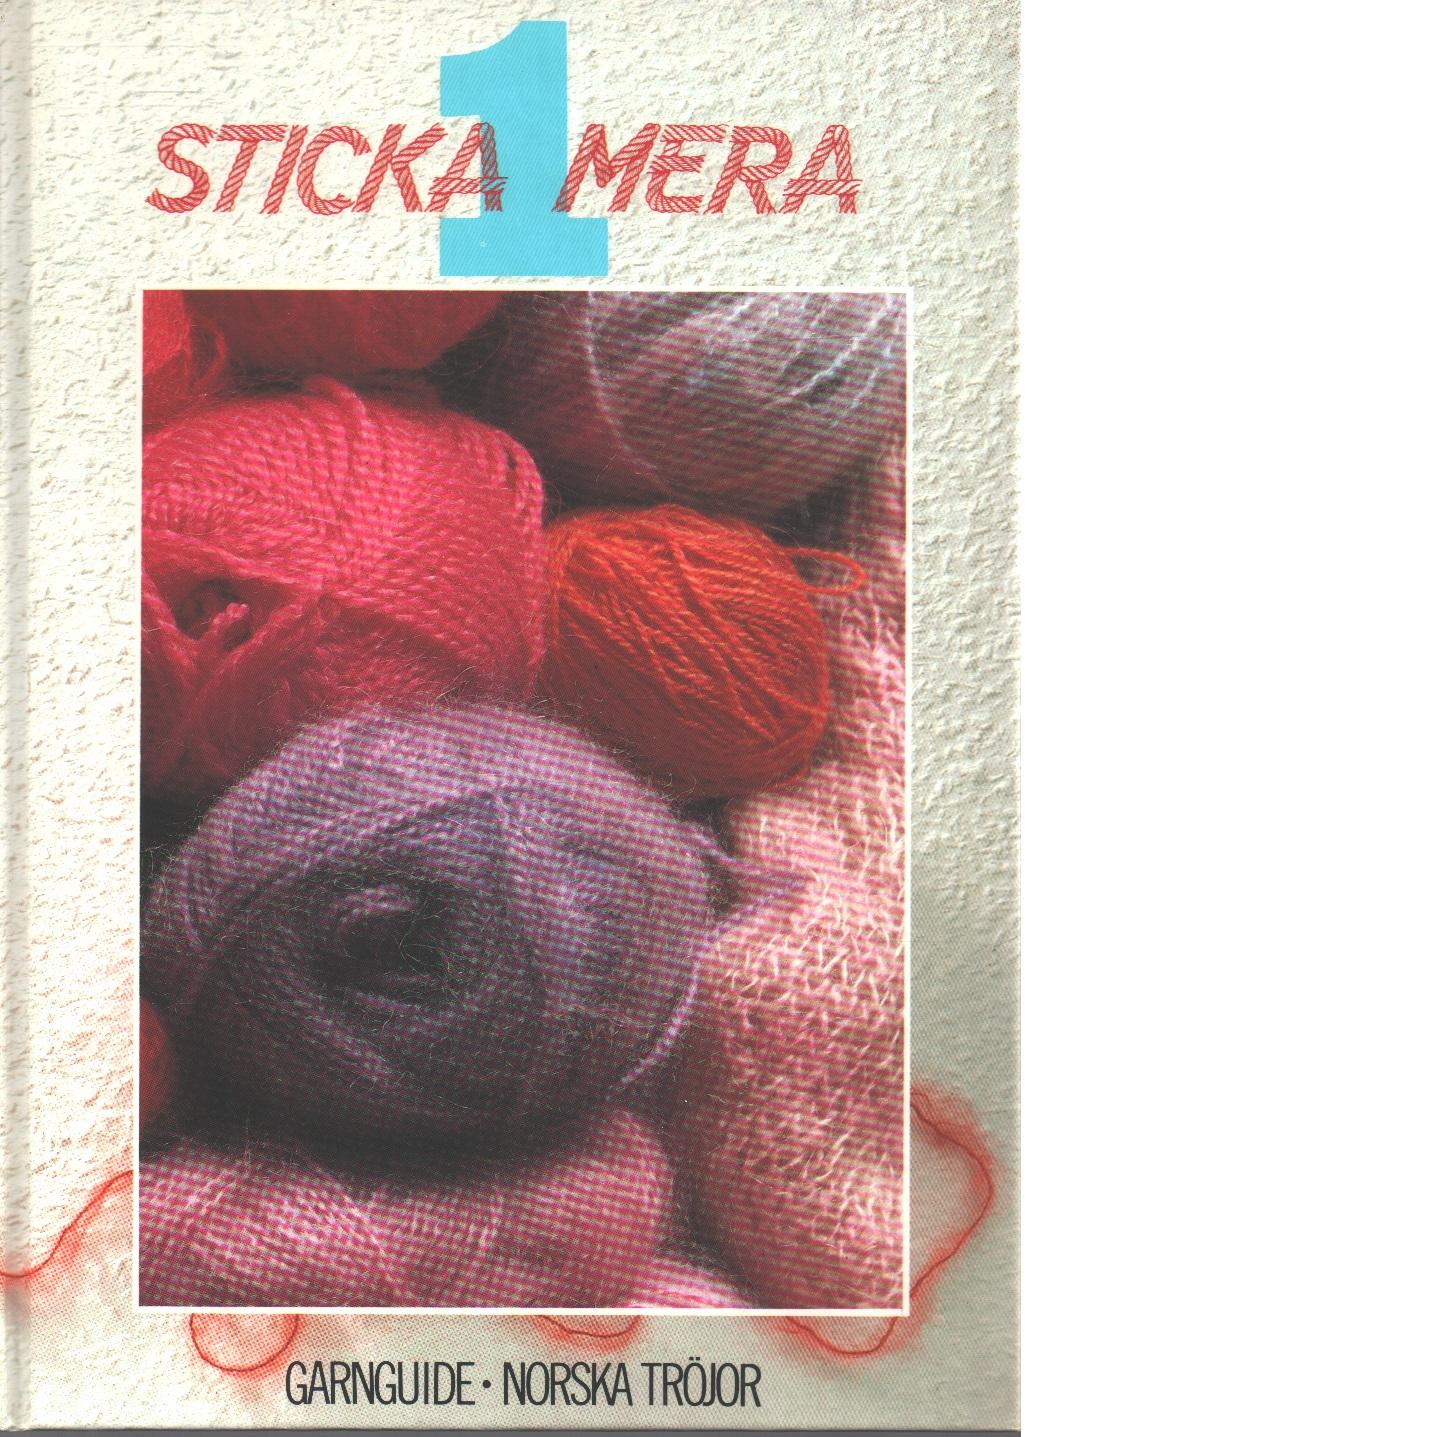 Sticka mera. 1, [Garnguide, norska tröjor] - Red.